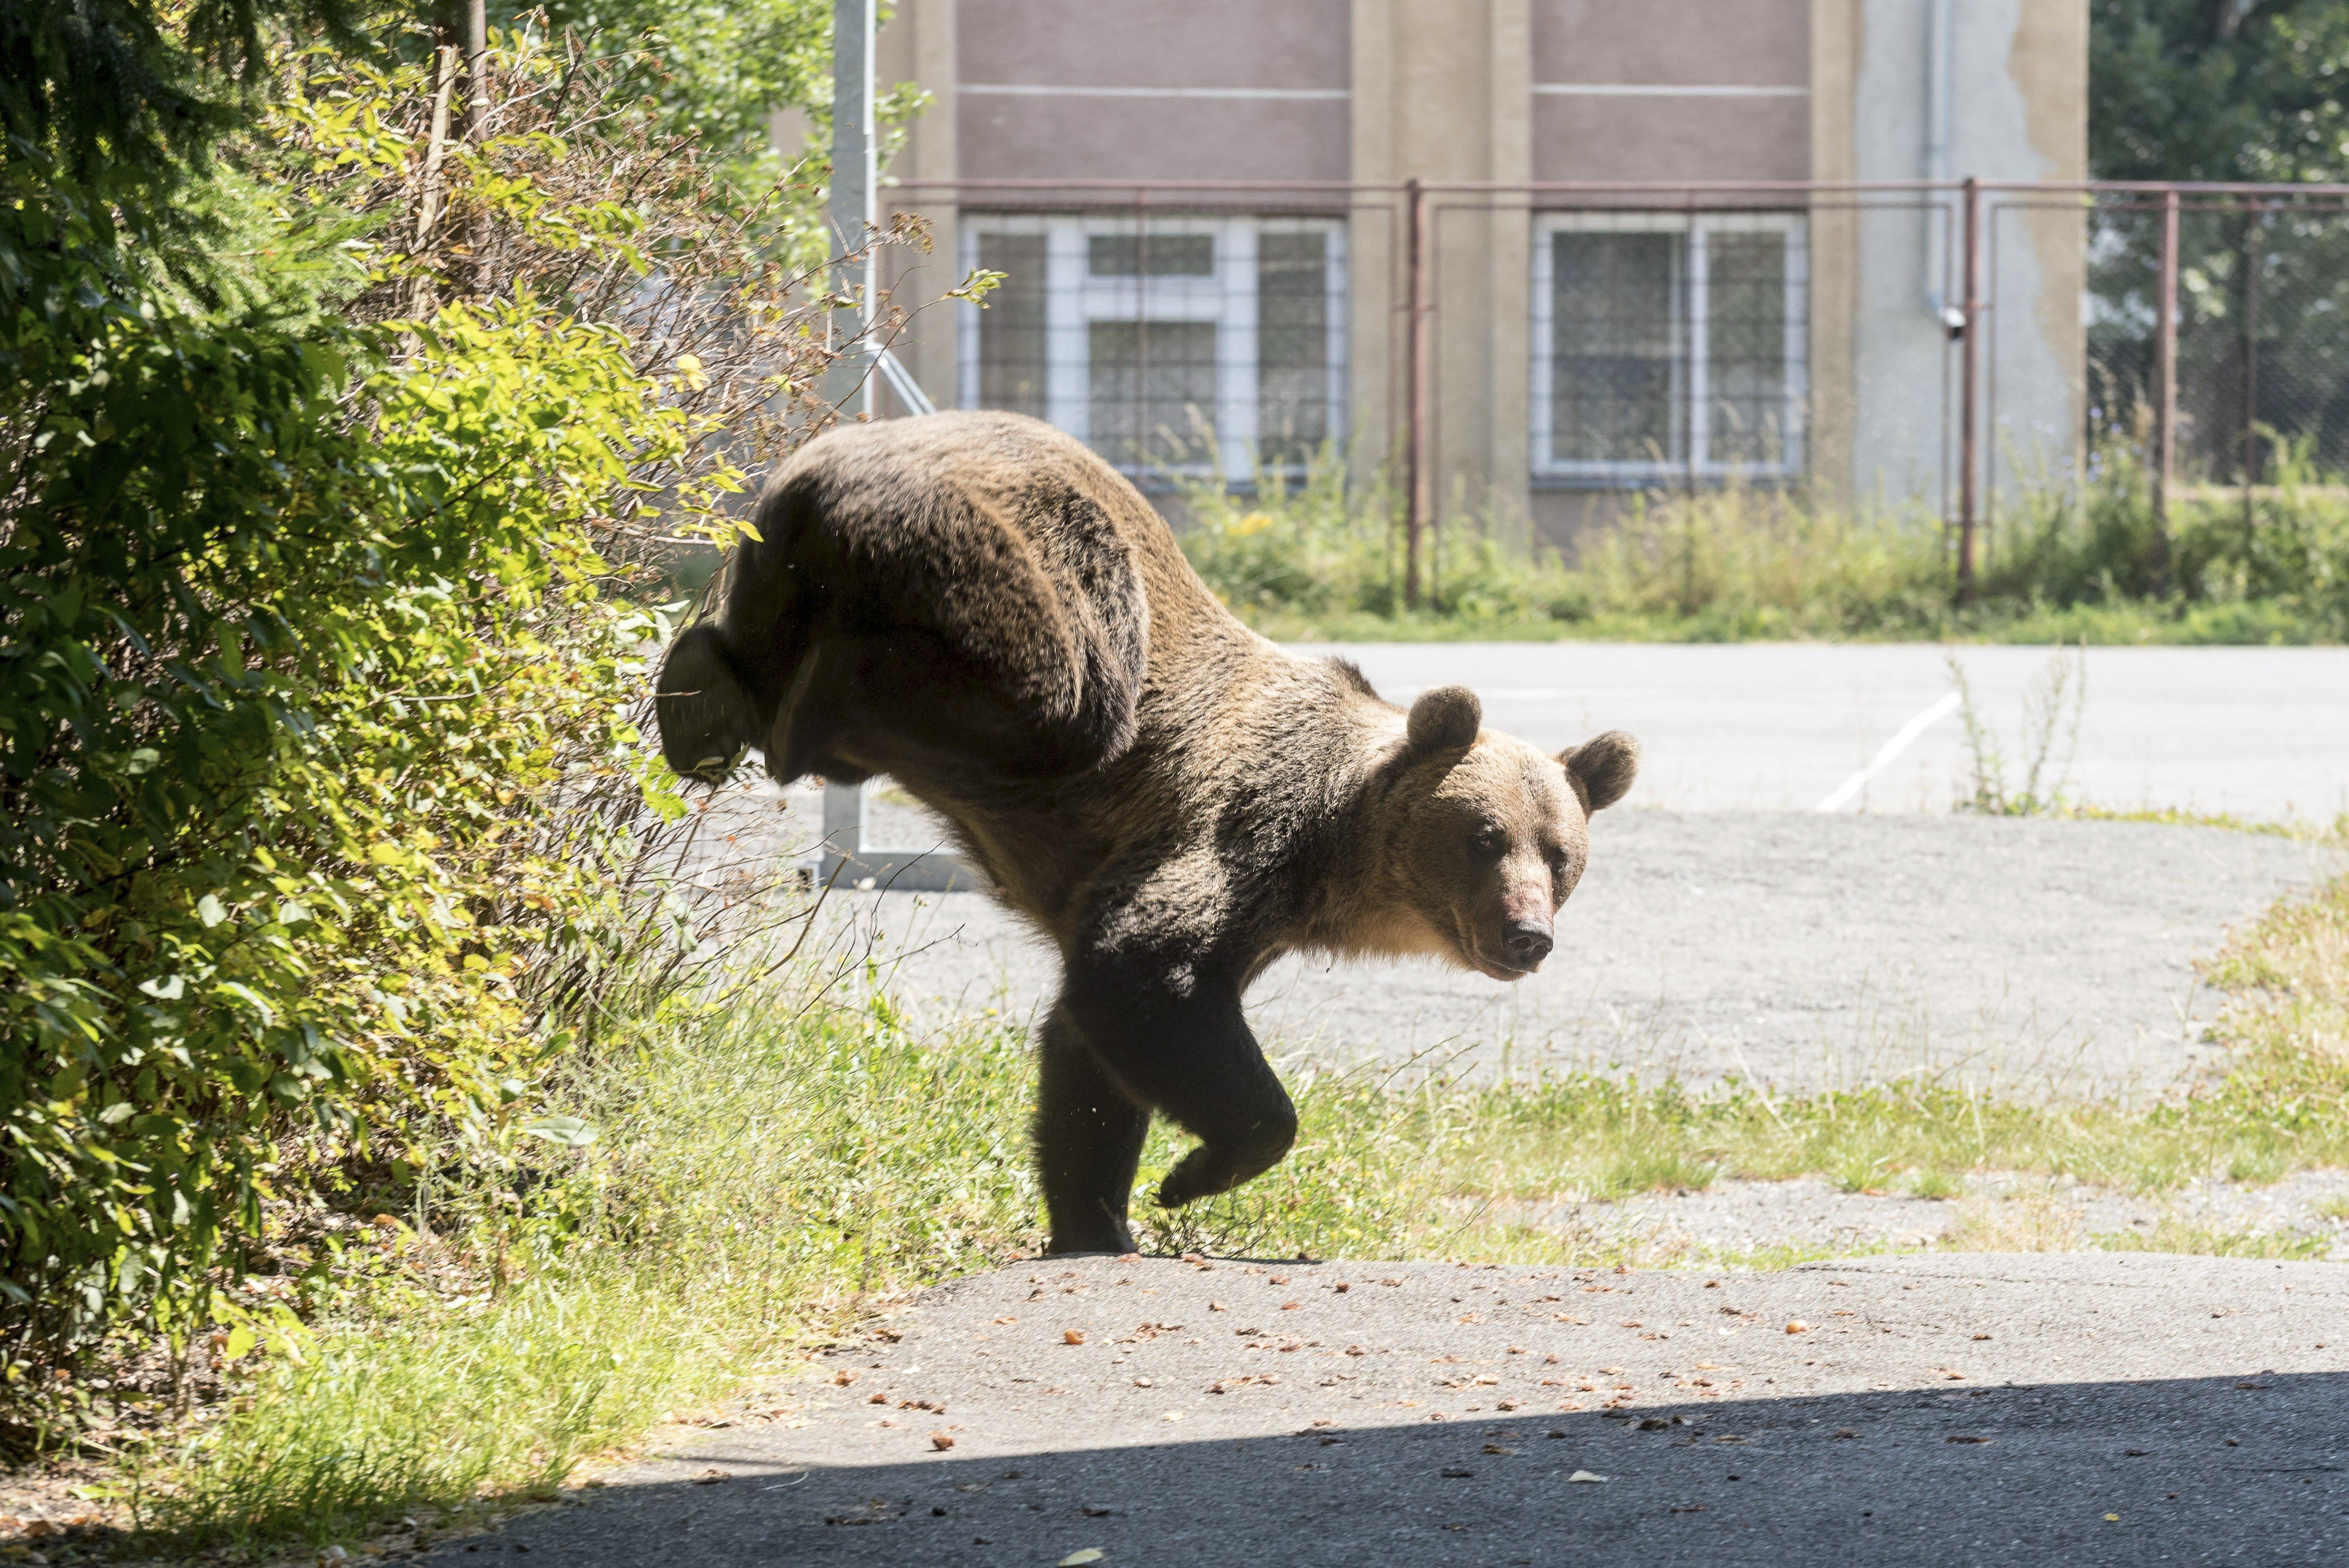 Lakossági fórumokat tartanak az Észak-magyarországi medveveszély miatt